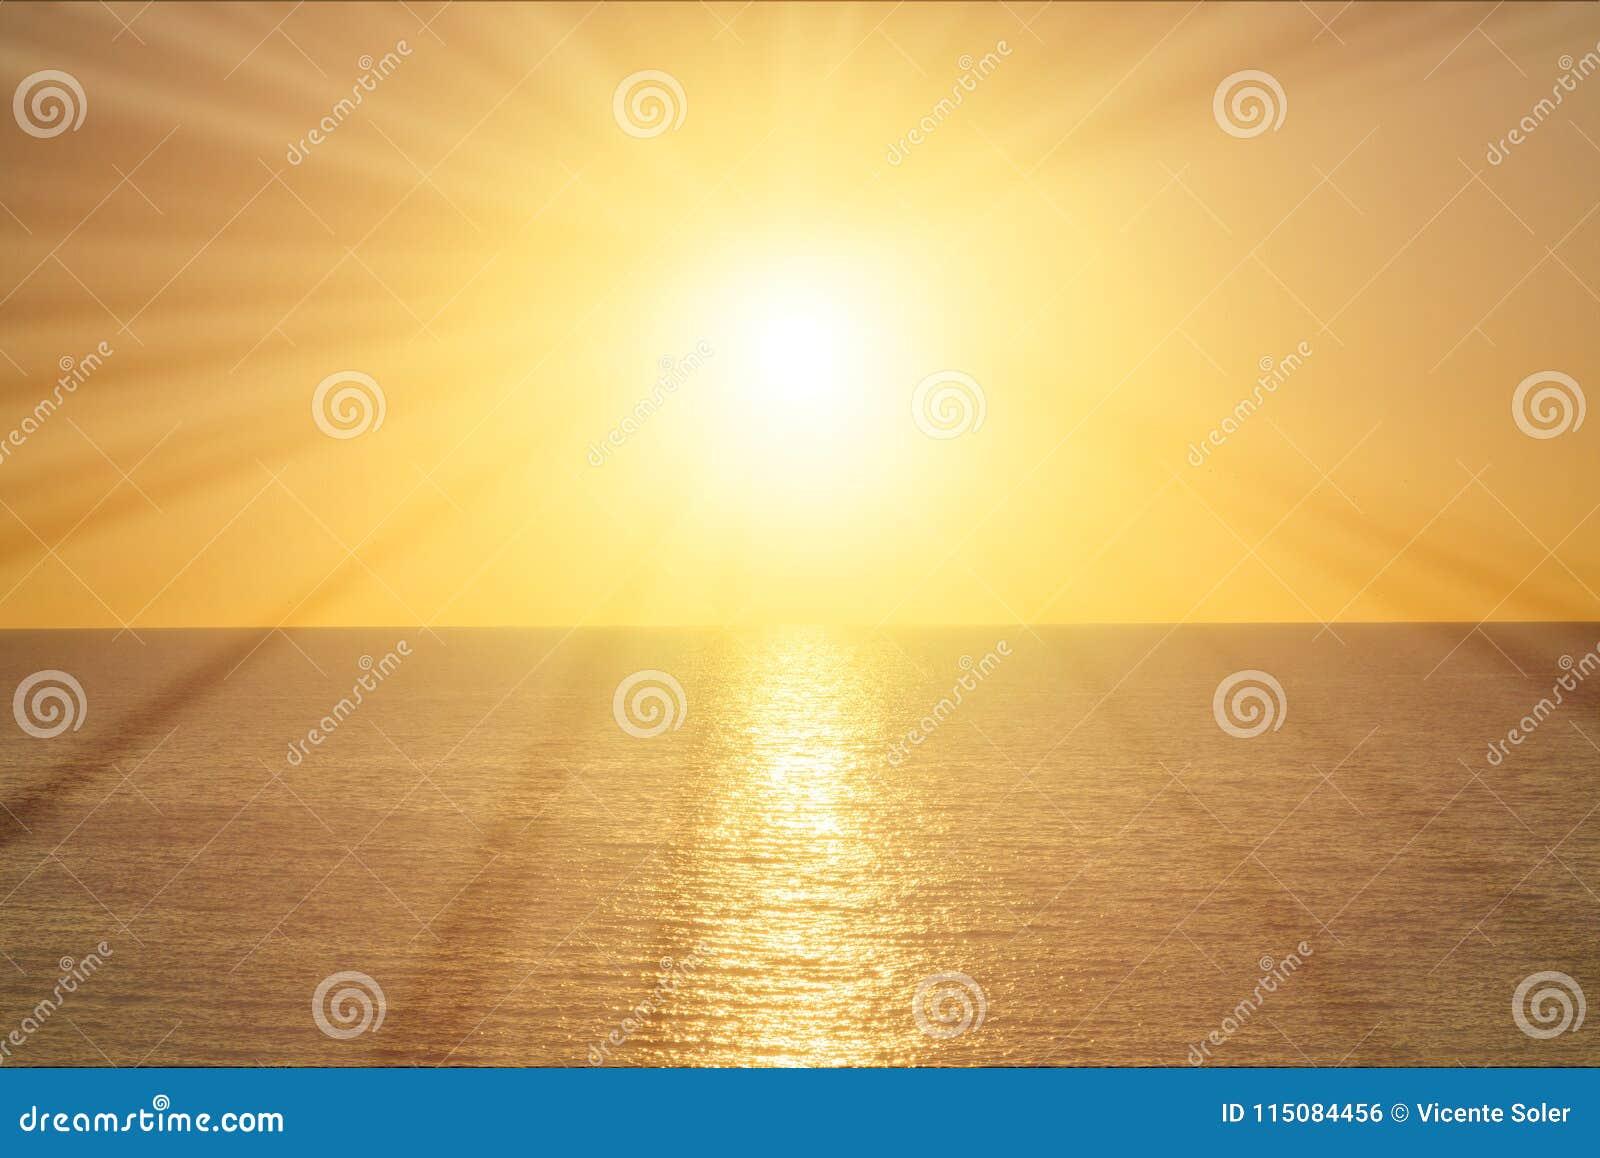 Stralen van de zon bij zonsopgang over het overzees